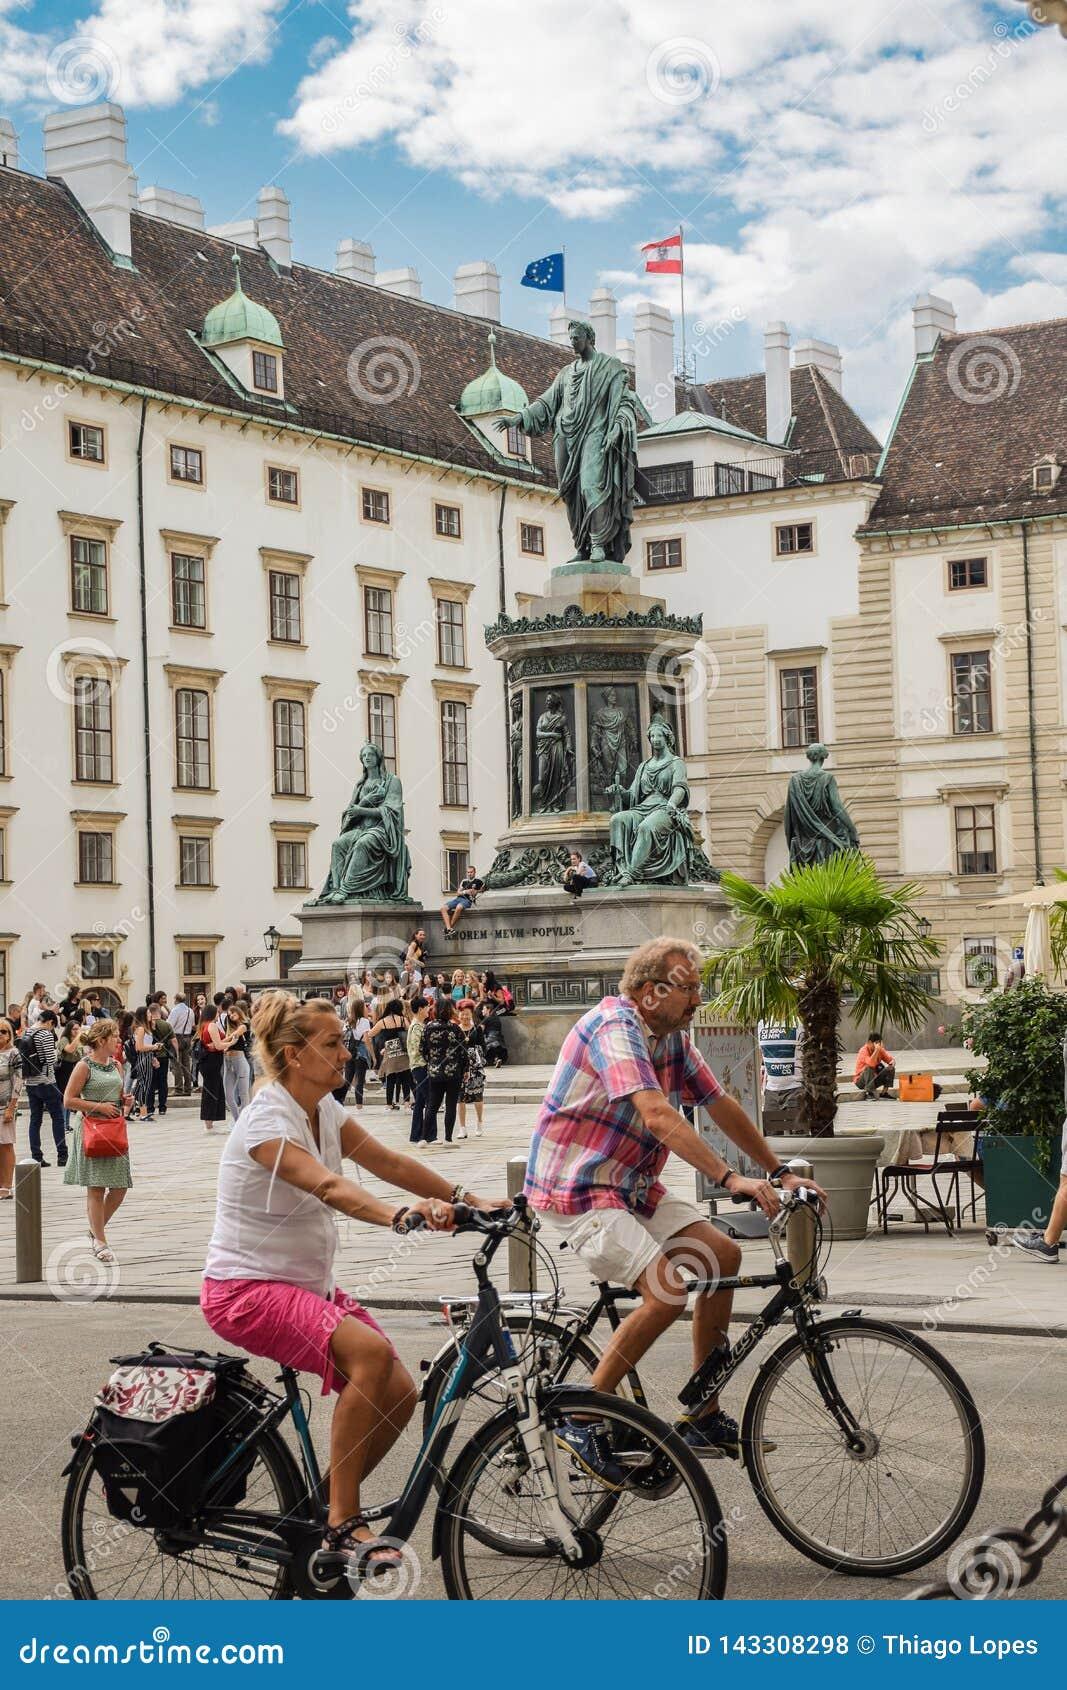 Вена, Австрия - 15-ое сентября 2019: Пары велосипедиста перед памятником Фрэнсис II во дворе окруженном